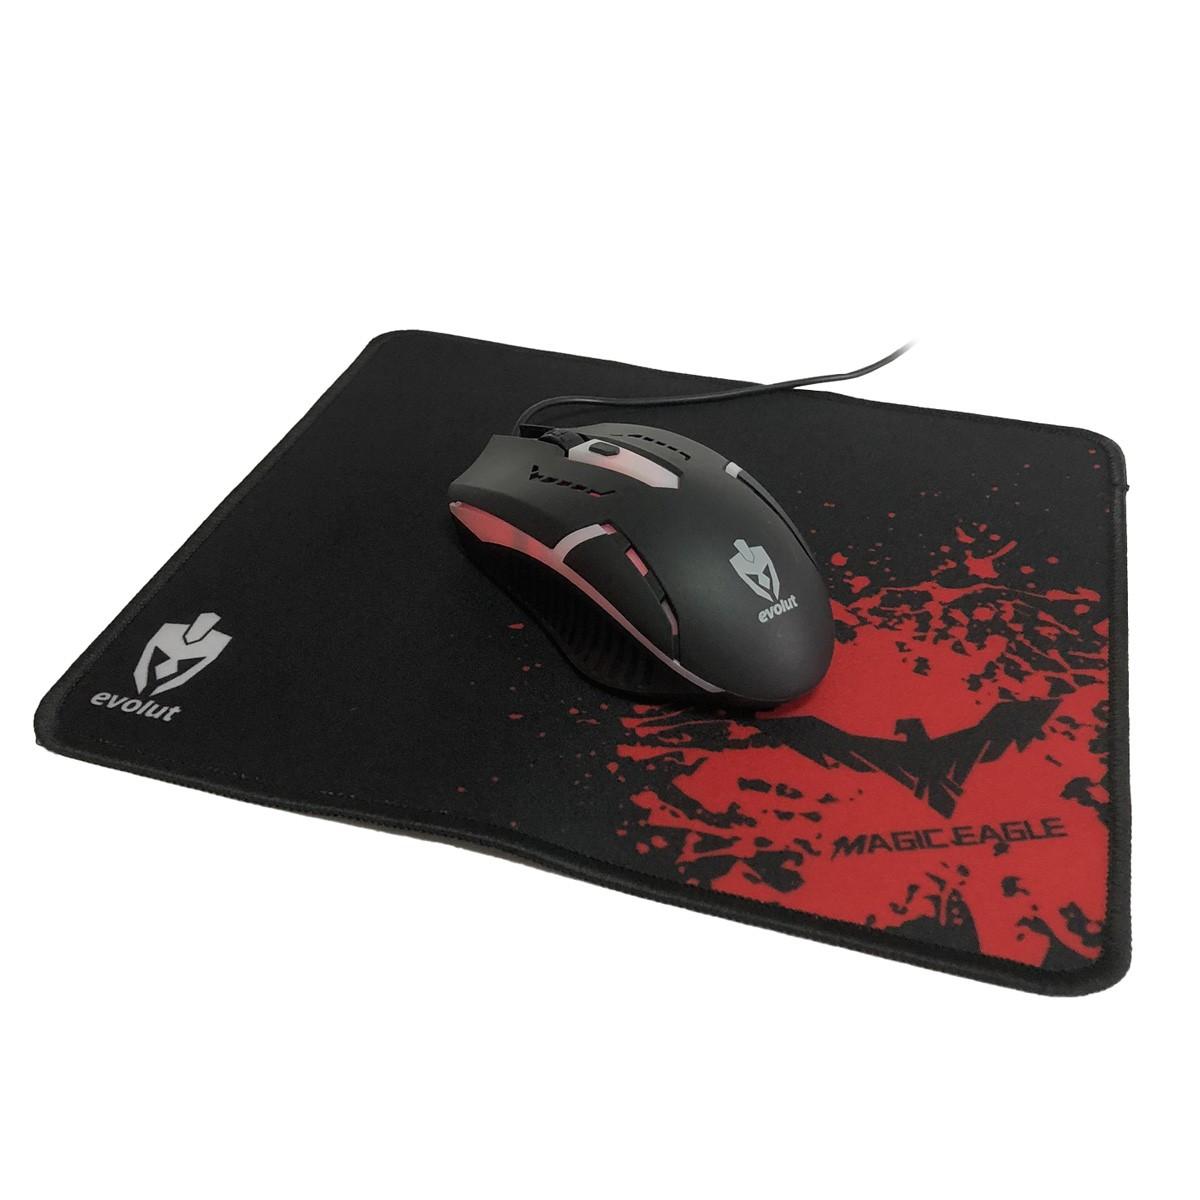 Kit Gamer Teclado Mouse Mousepad Headset Starter EG-51 Evolut